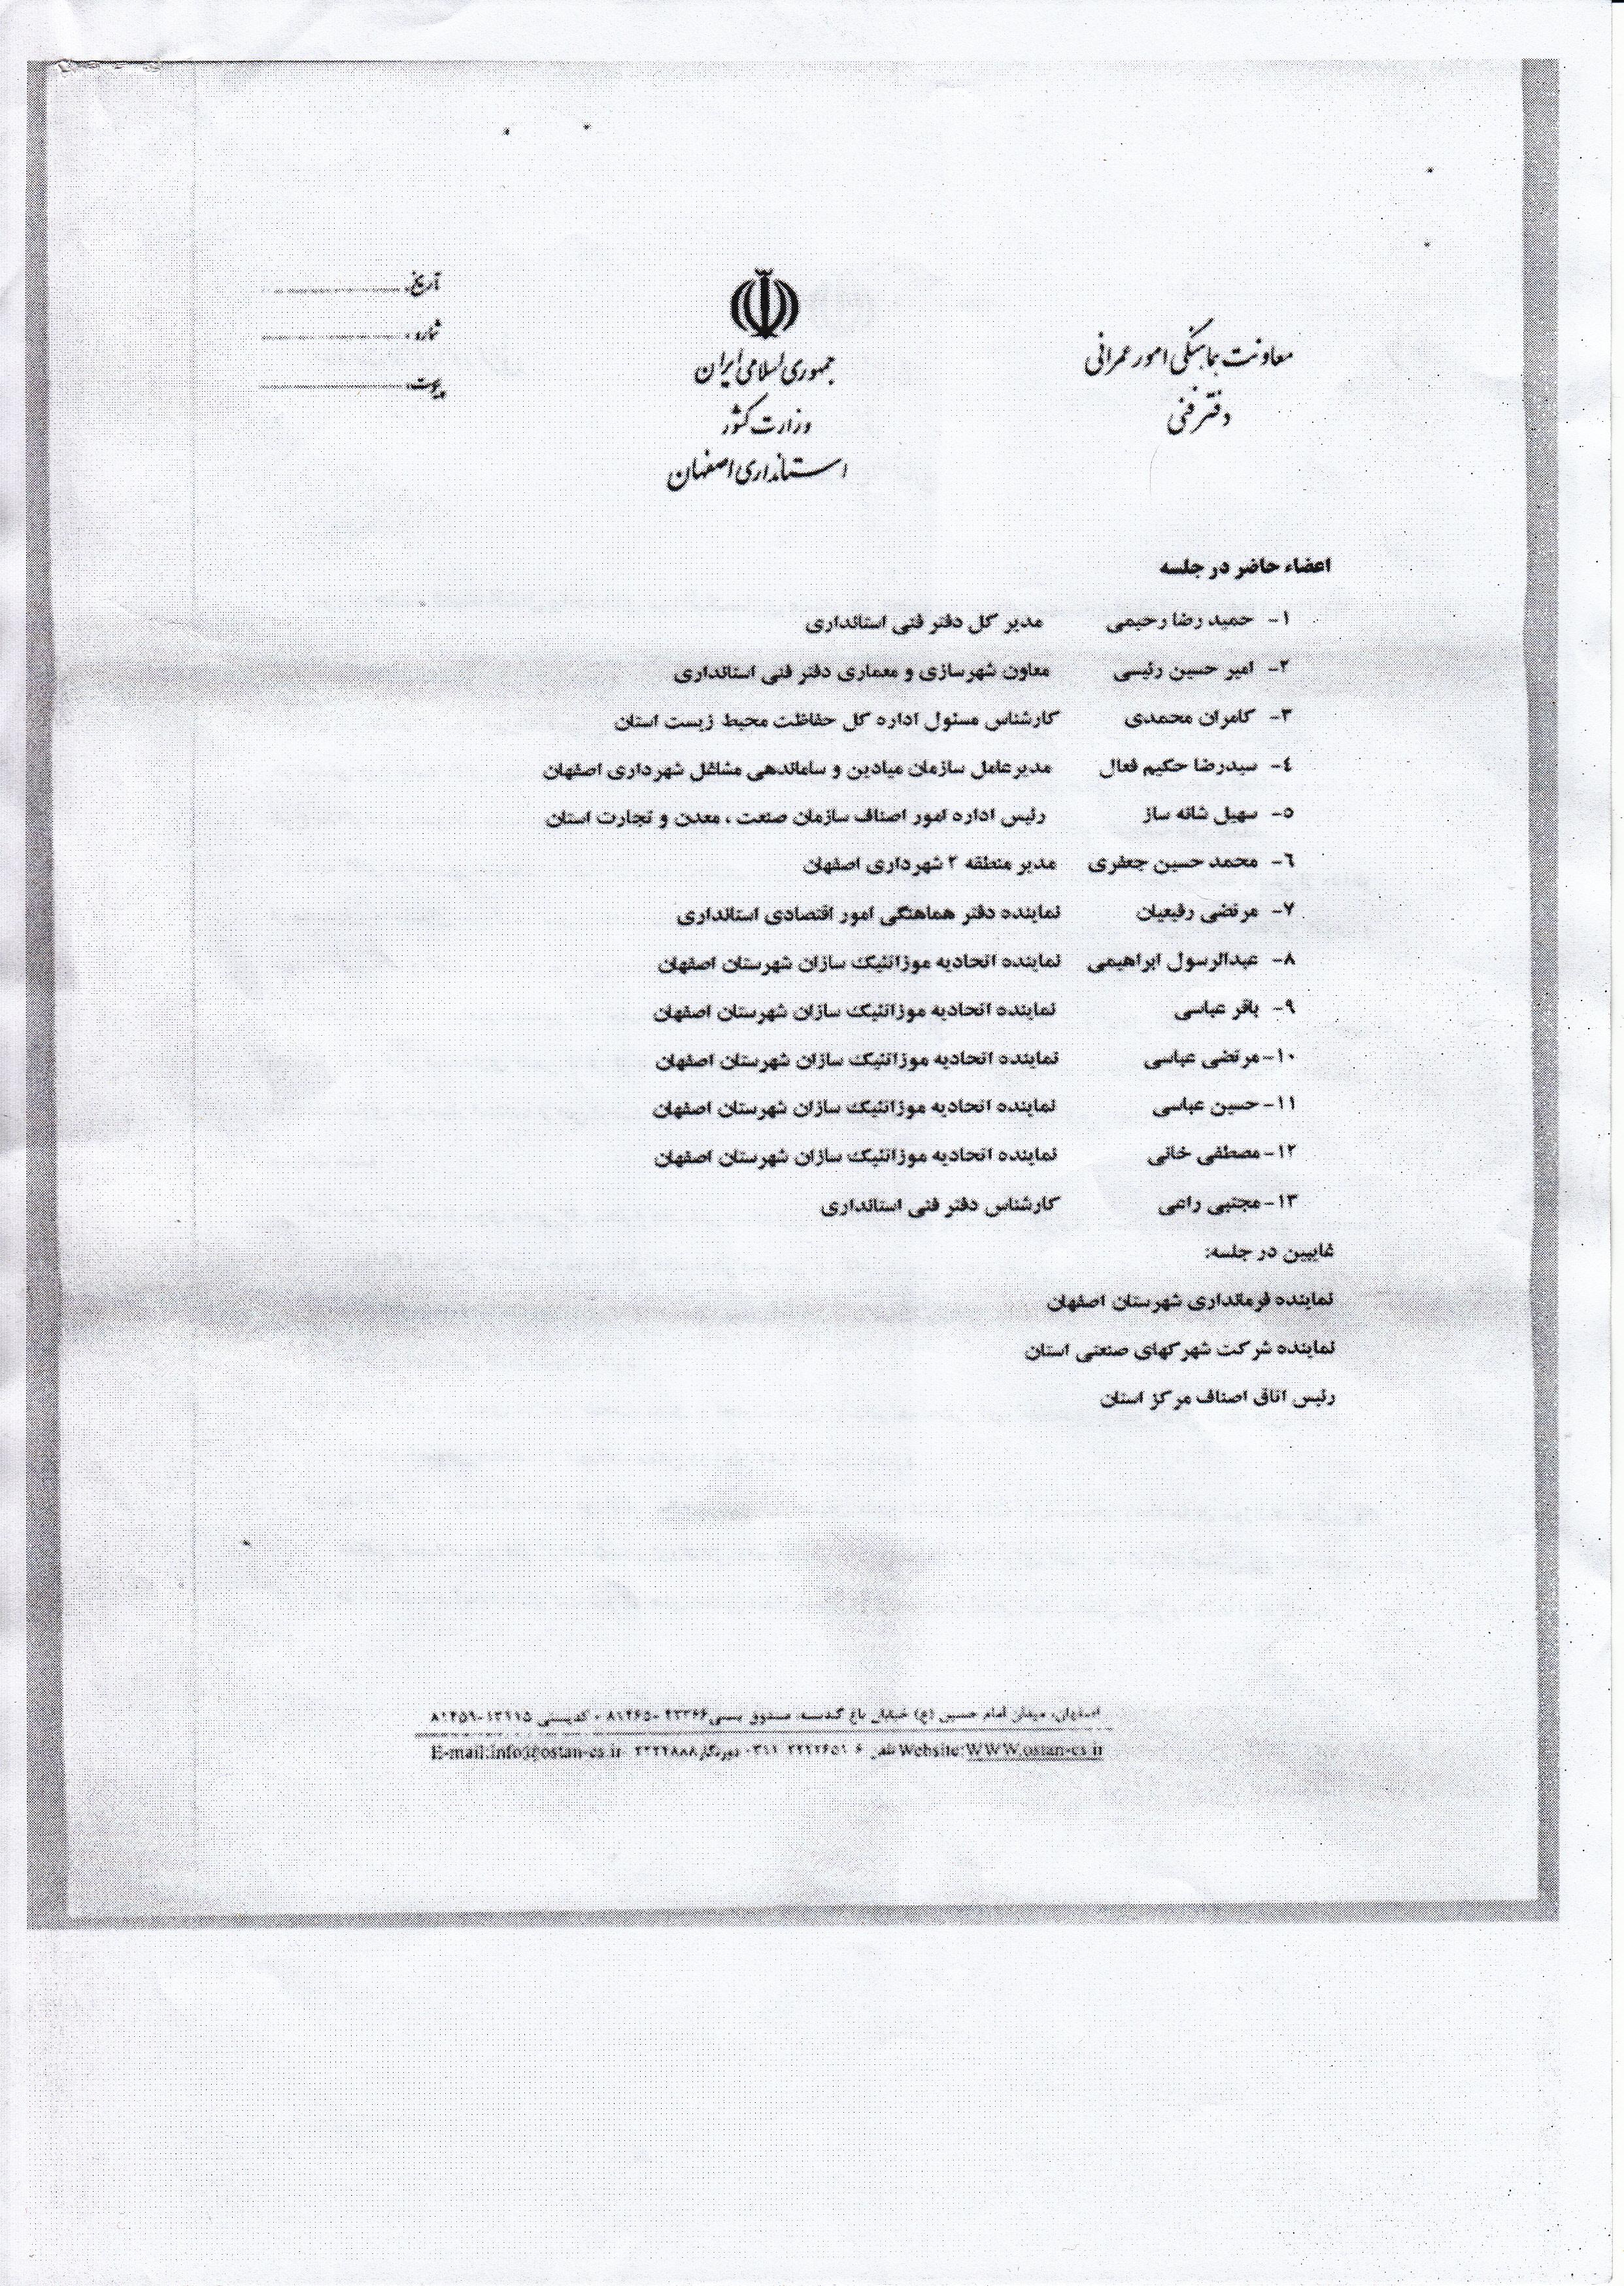 صورت جلسه انتقال موزاییک سازان ولدان